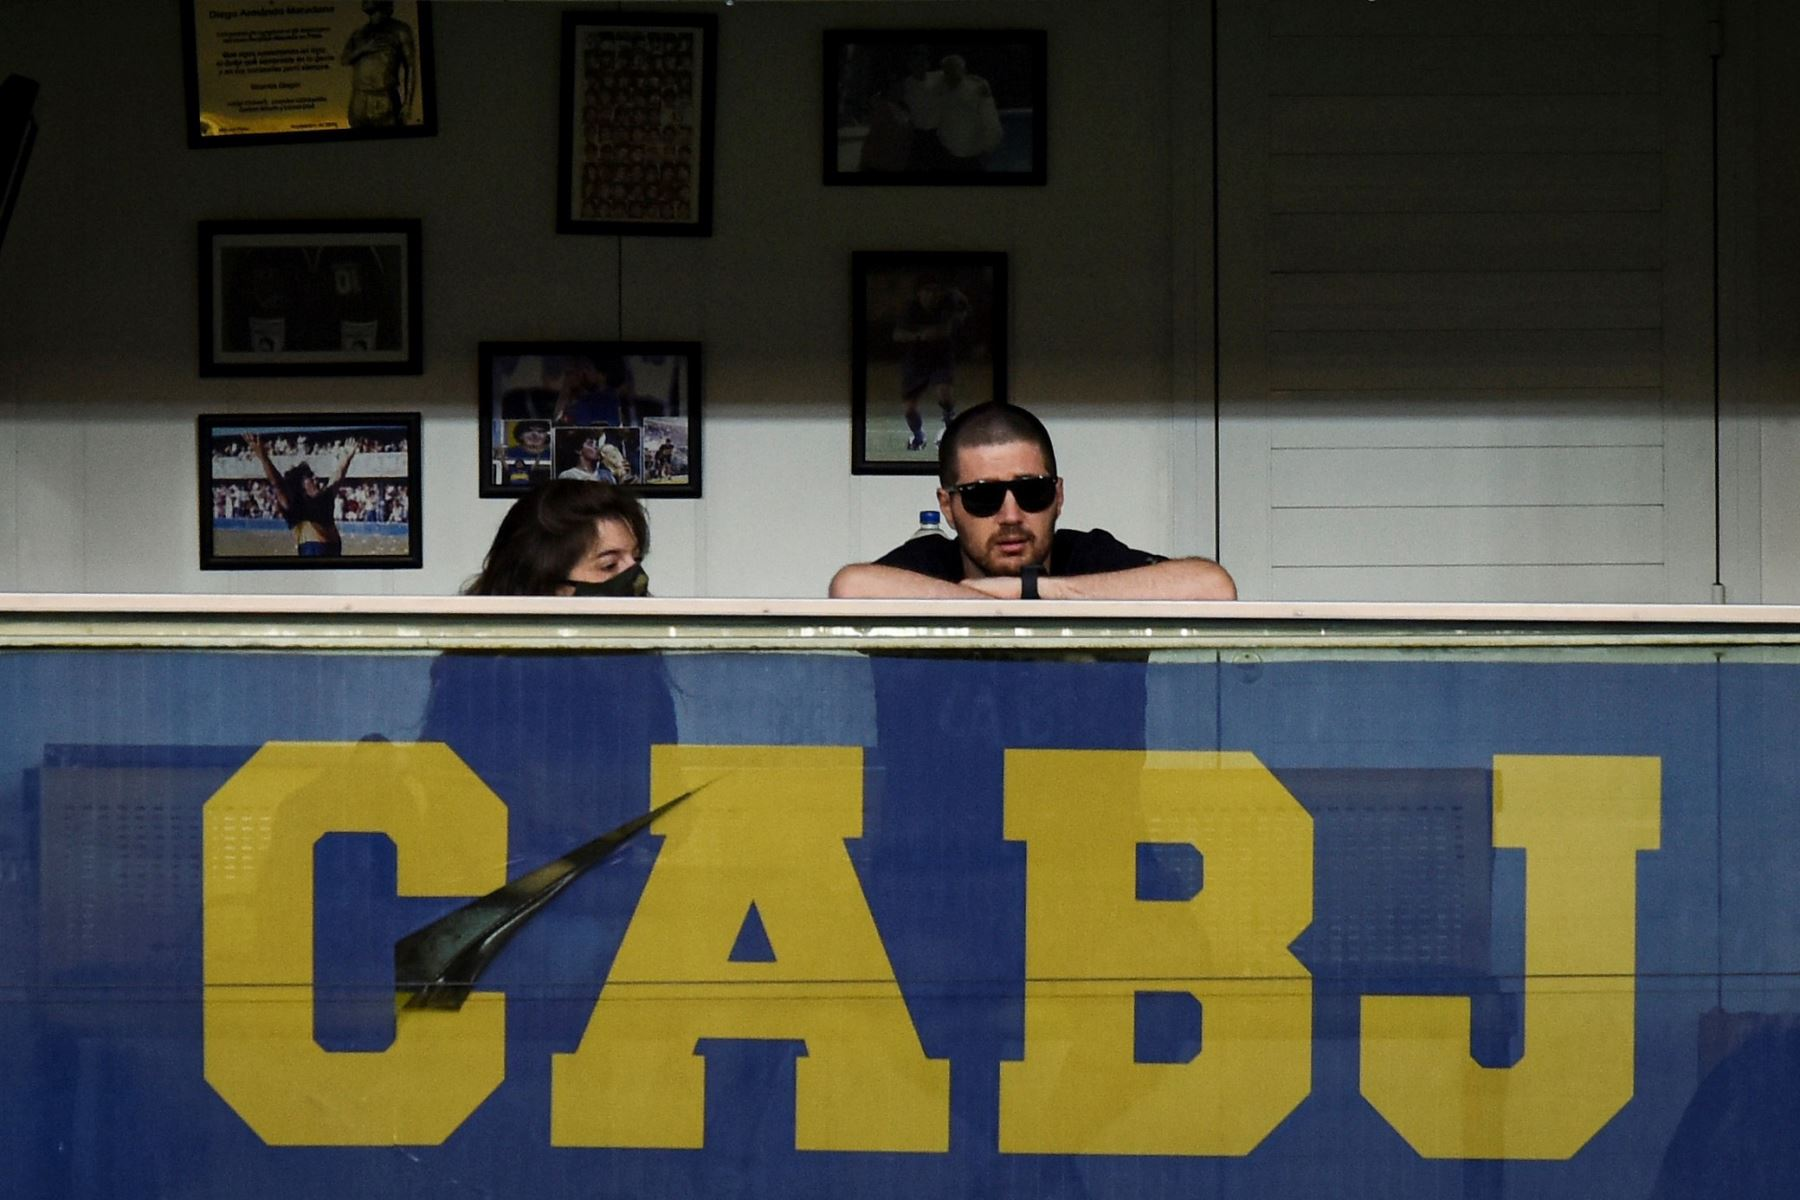 Dalma Maradona, La hija de Diego Maradona, Dalma Maradona, observa desde el palco de su padre el partido de la Primera División argentina entre Boca Juniors y Newell